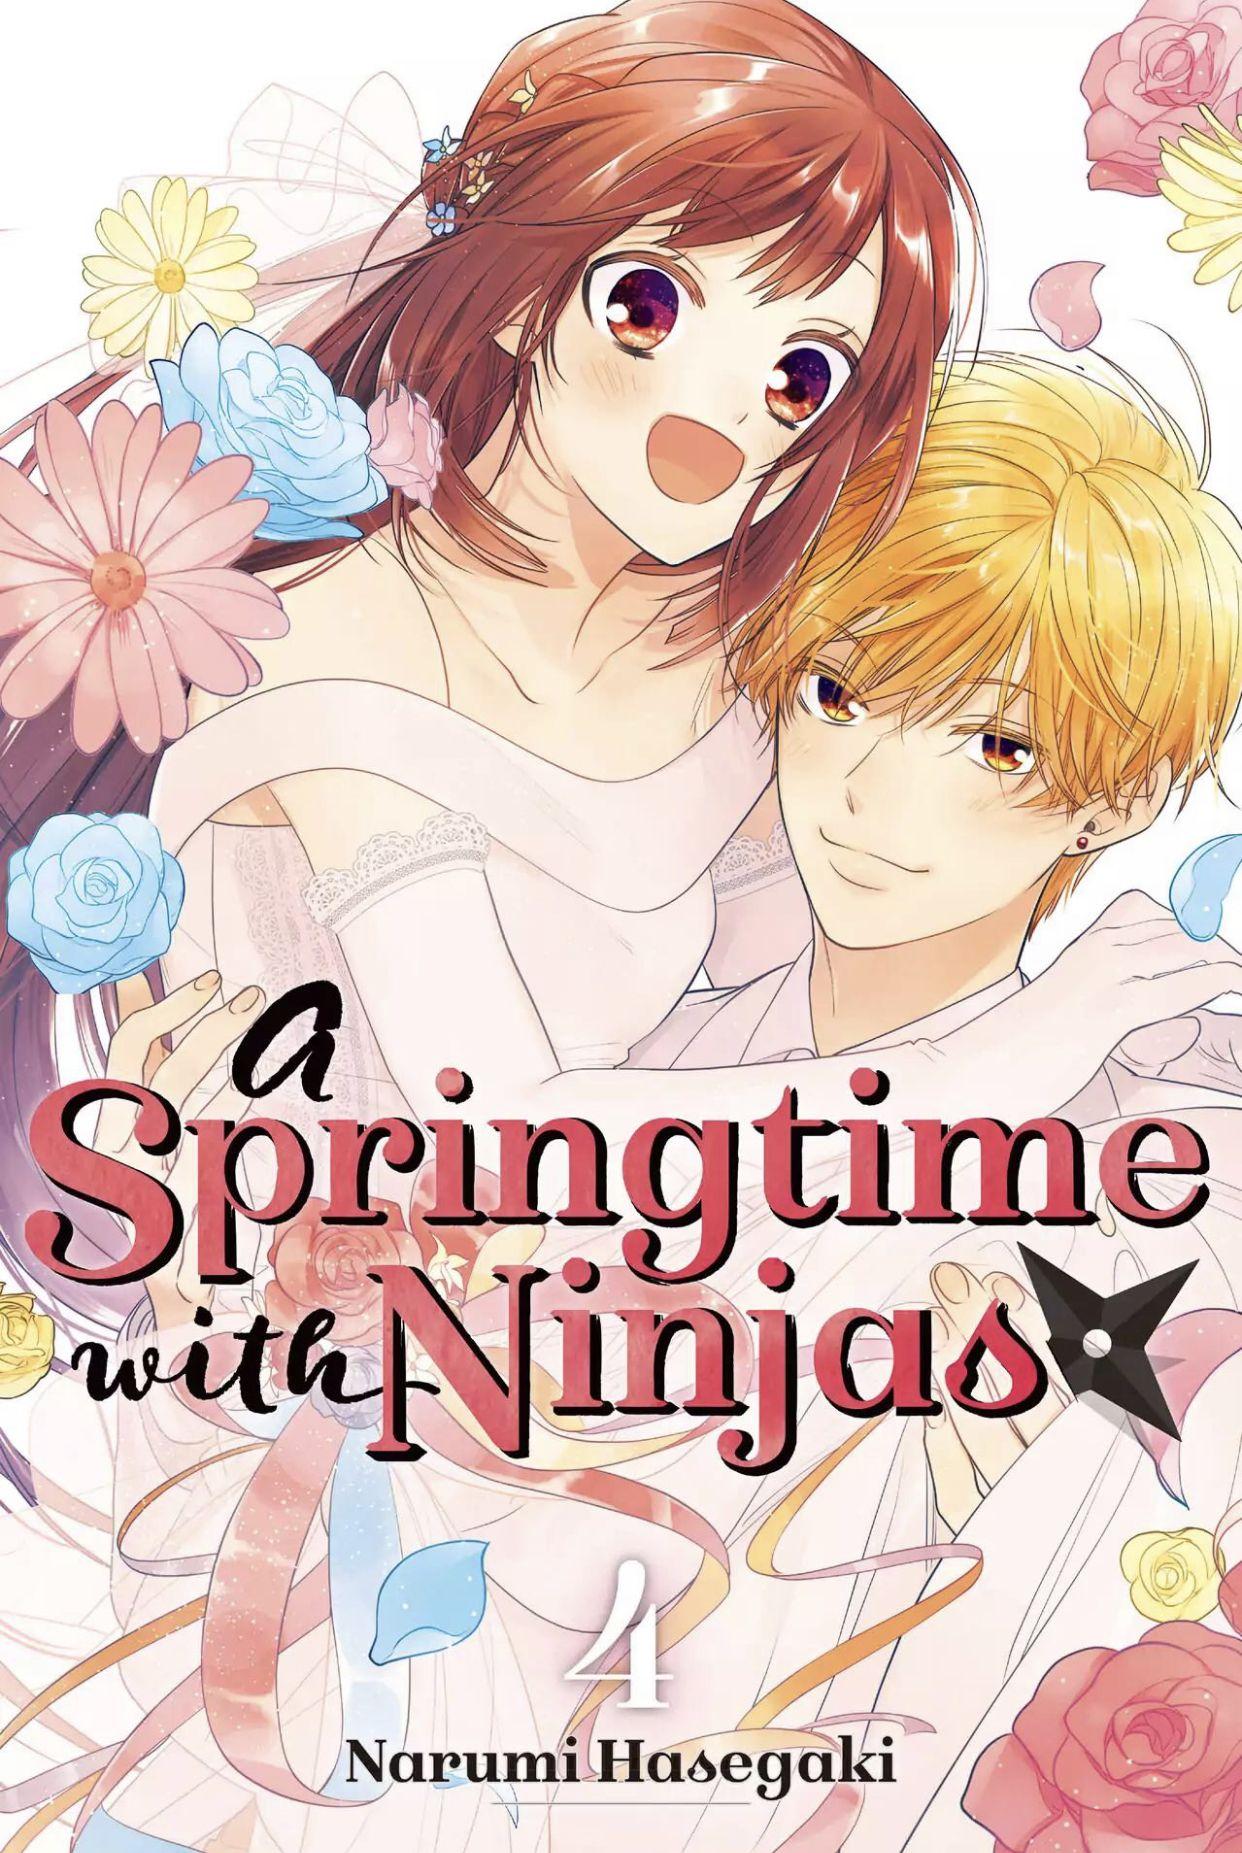 Pin by Animemangaluver on A Springtime With Ninjas Manga